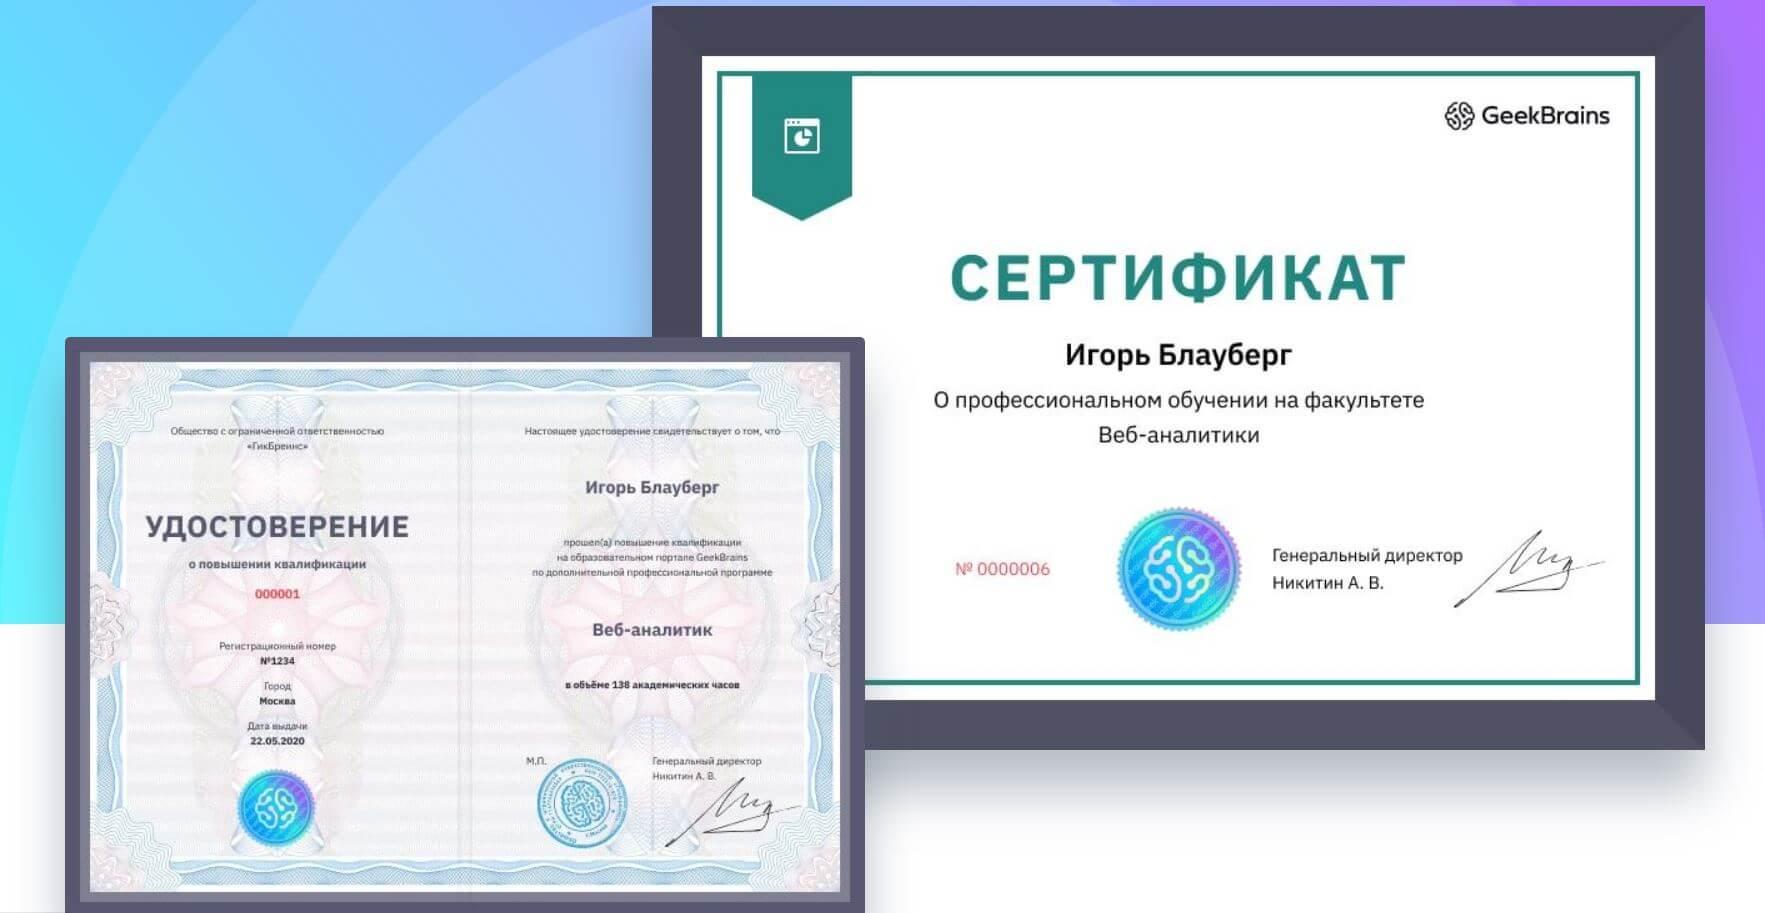 Как выглядит диплом или сертификат GeekBrains